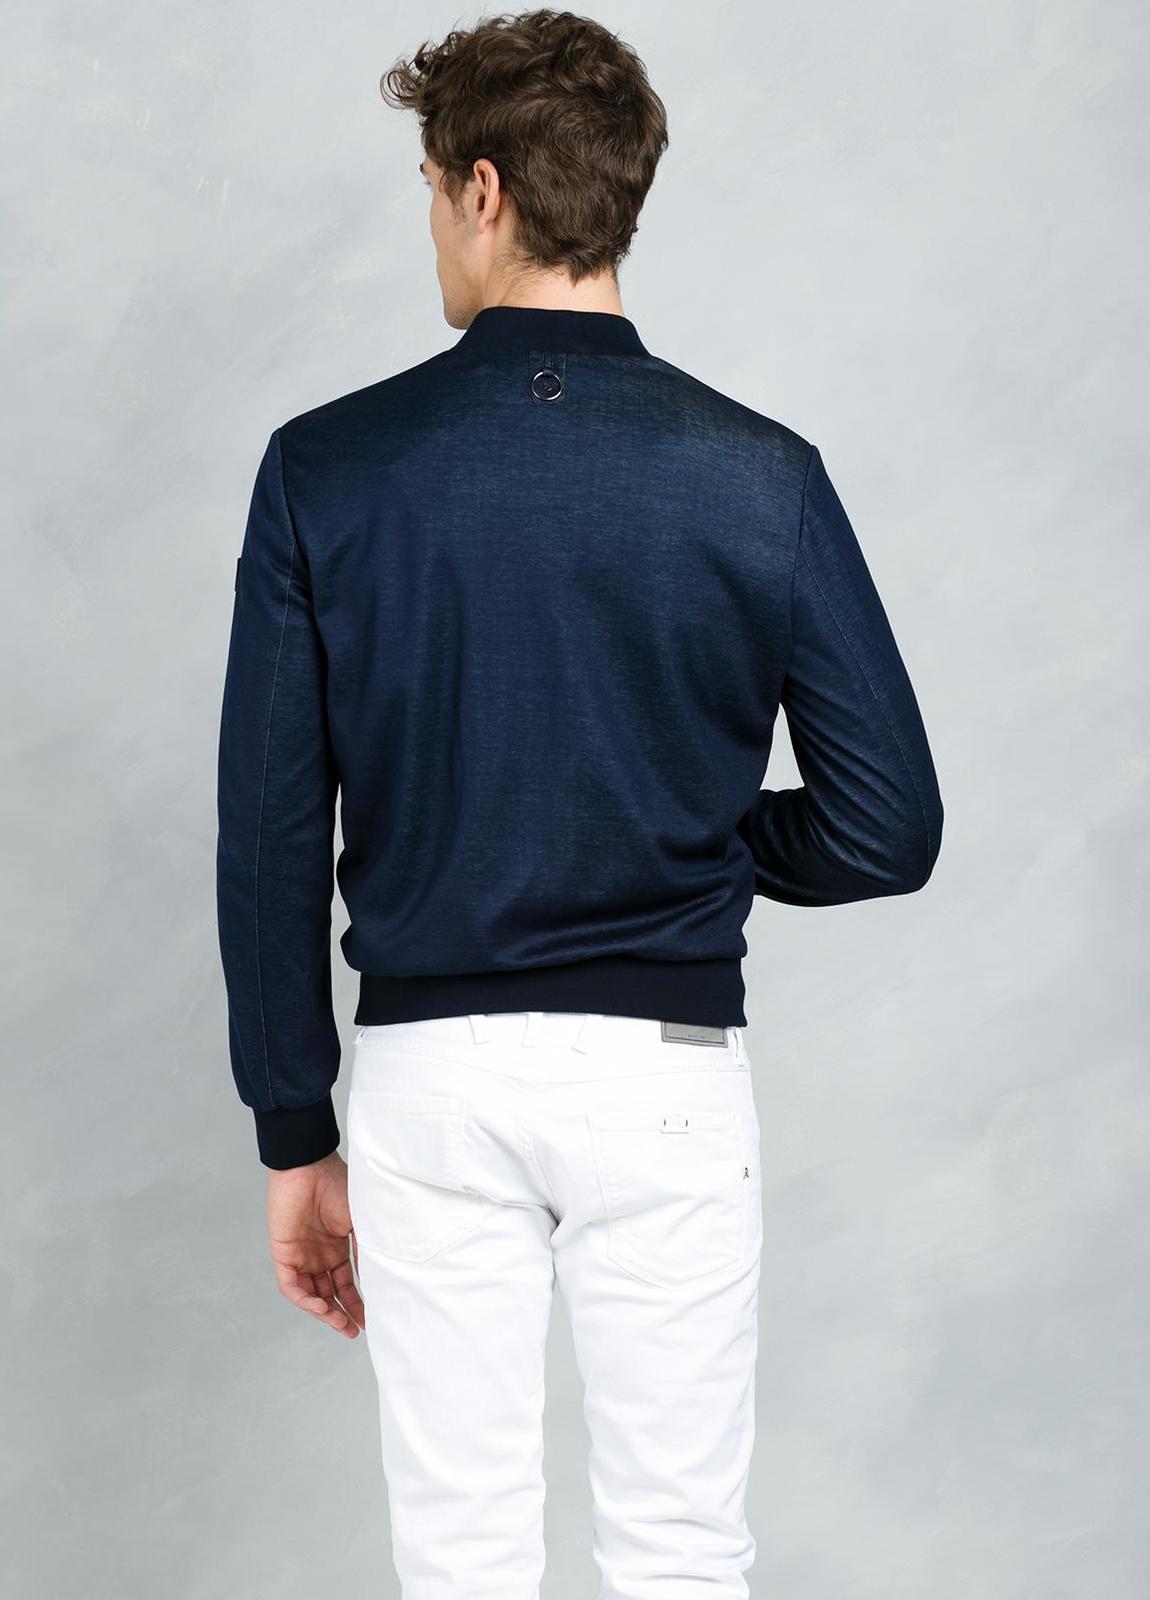 Cazadora corta con cremallera y elásticos en cuello, puños y cintura color azul. - Ítem3